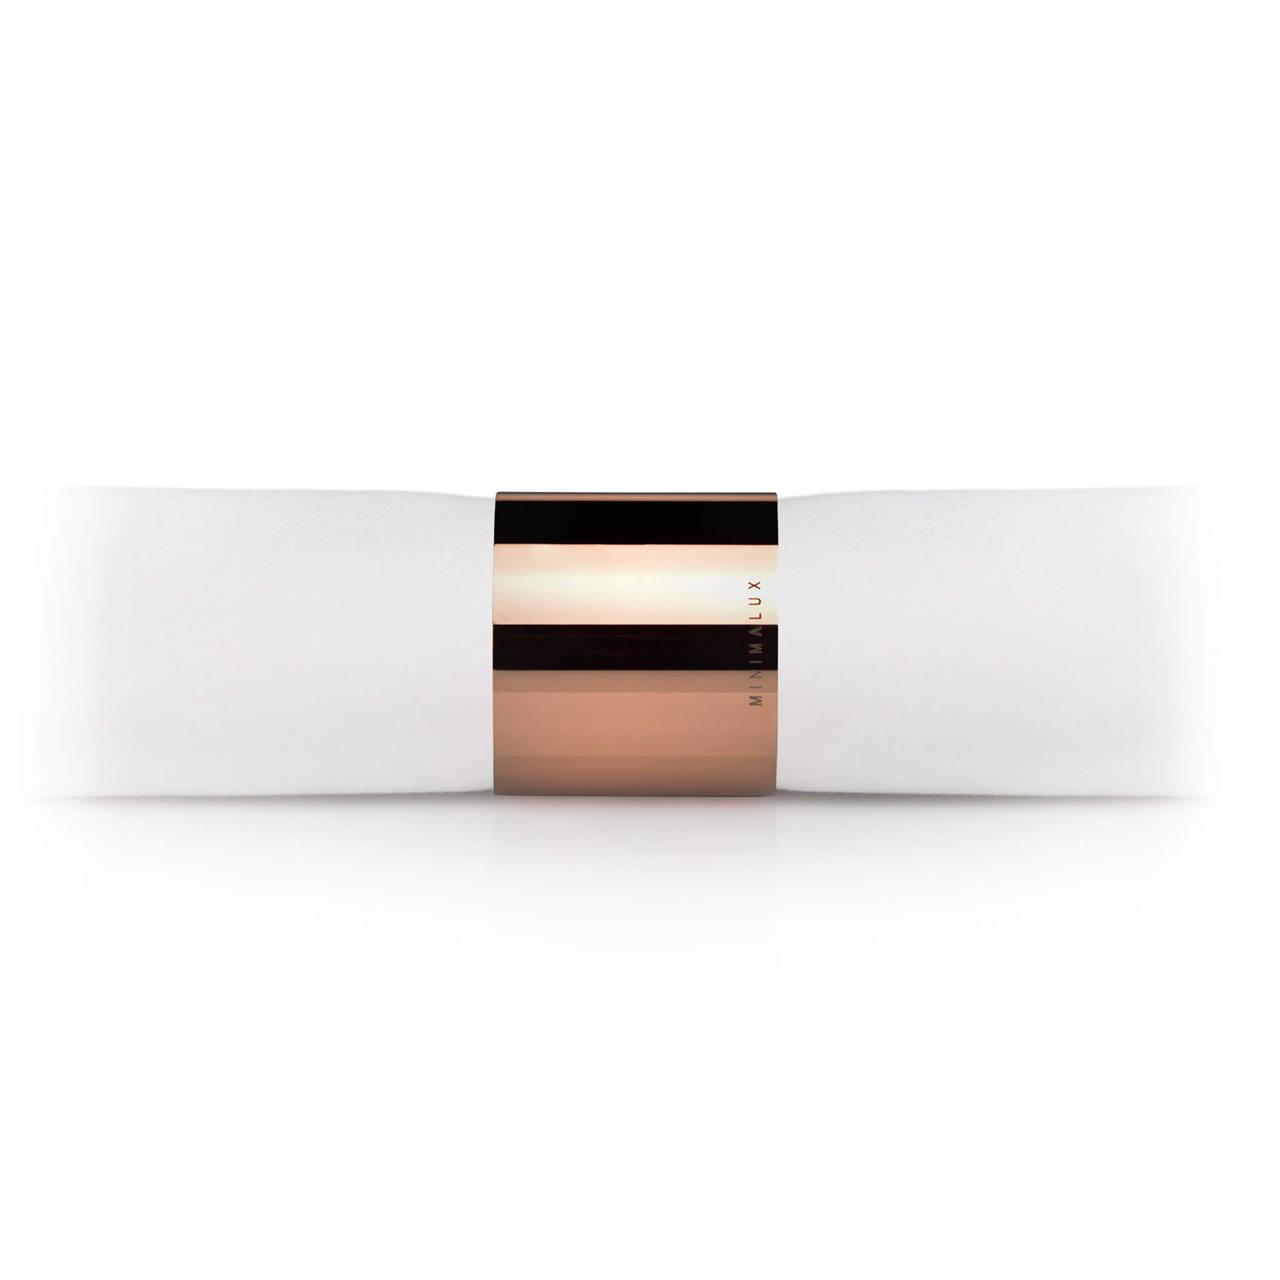 Tube Napkin Ring in Copper